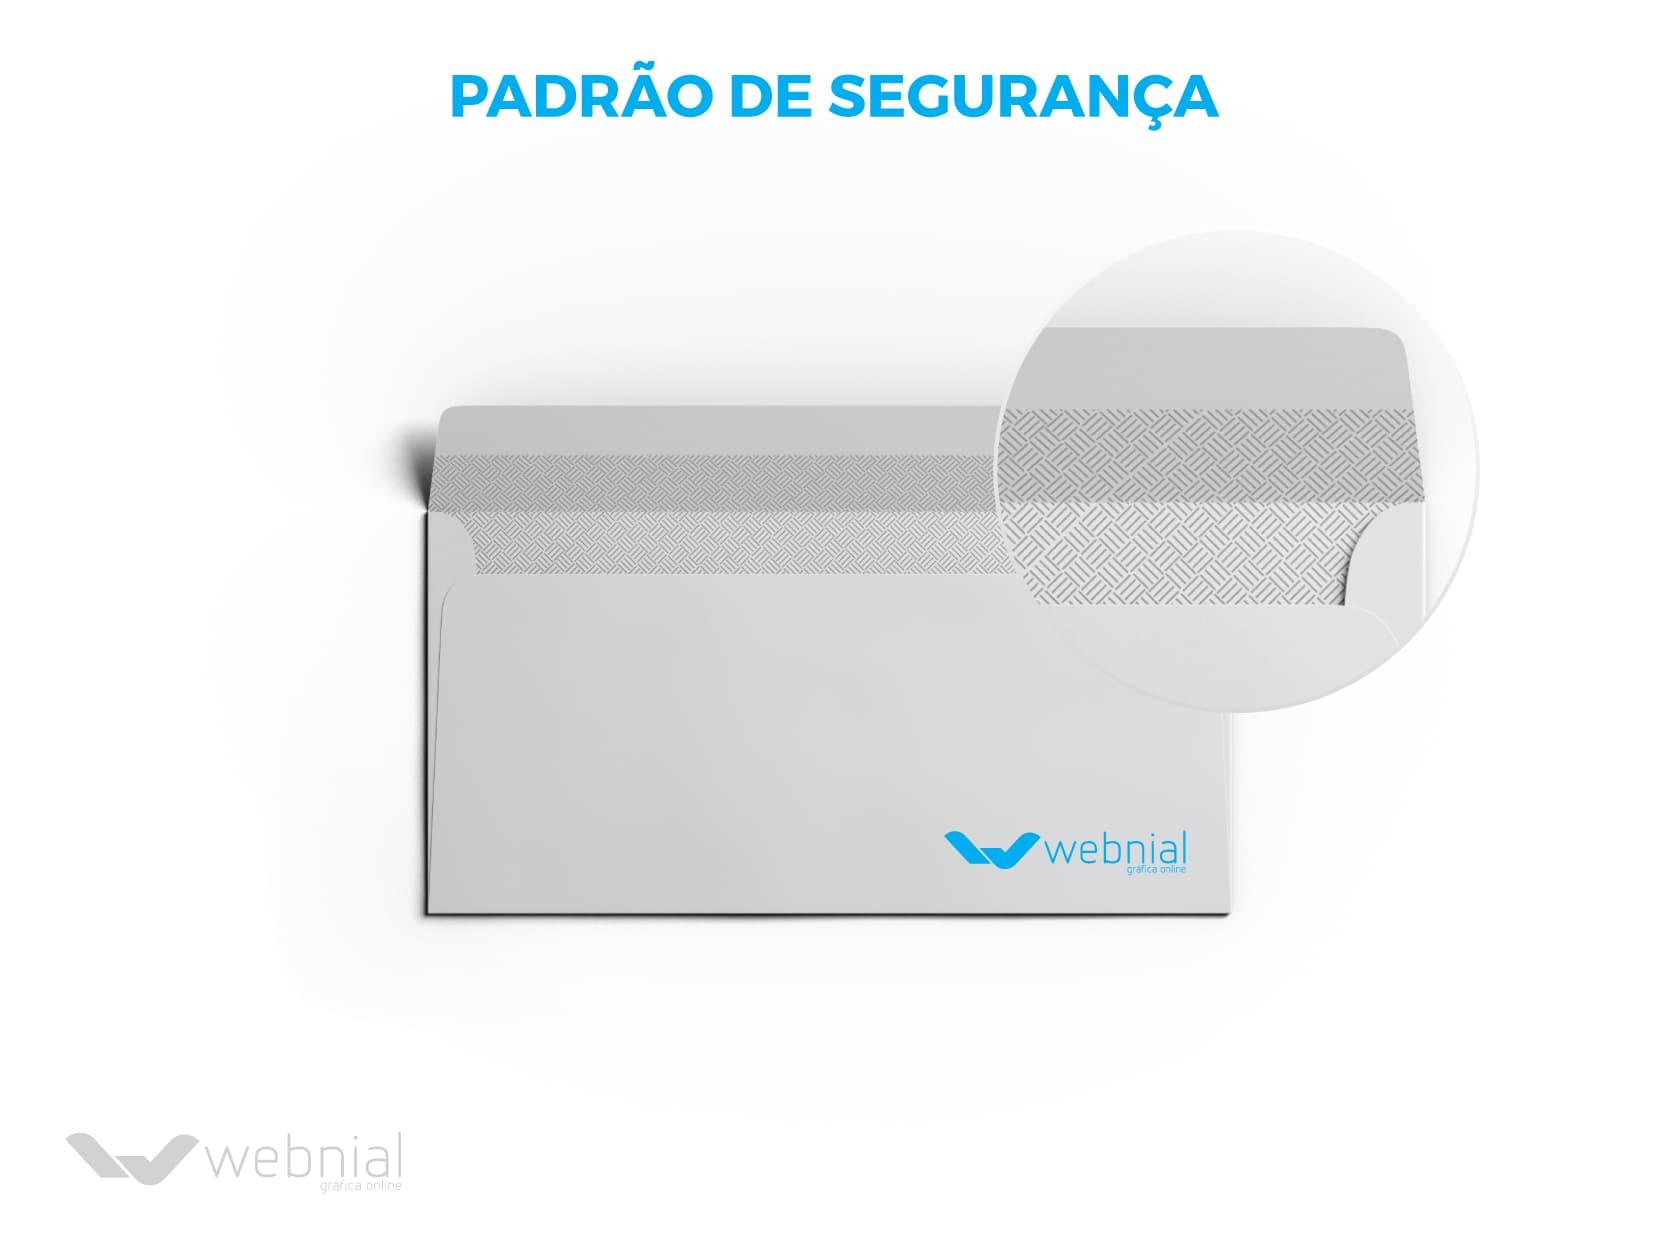 Envelopes Personalizados - Padrão de Segurança